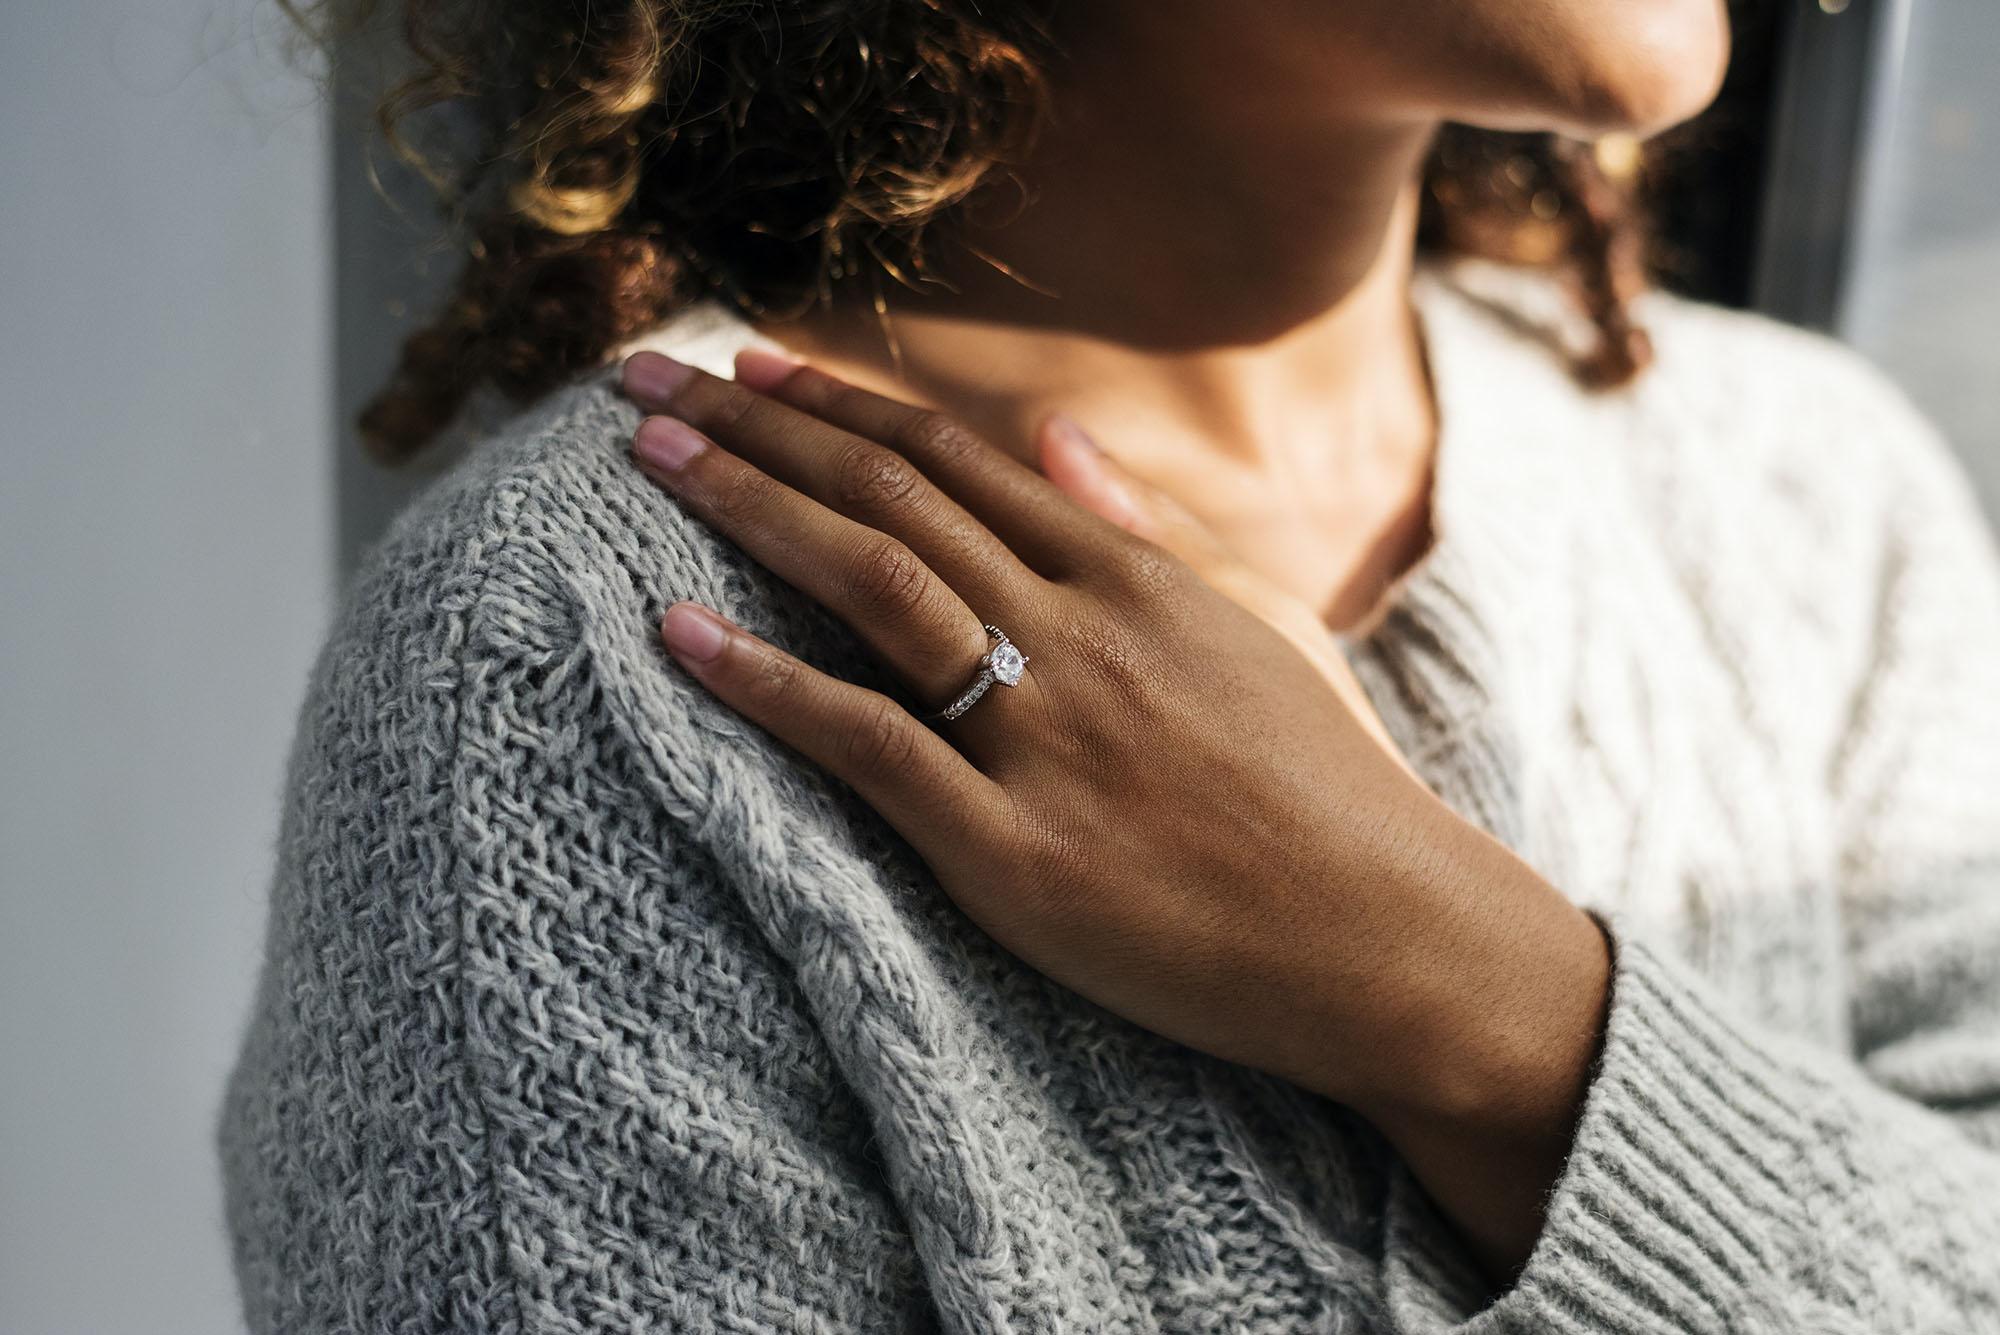 Femme mariée aux prises avec des facteurs de stress liés à la parentalité